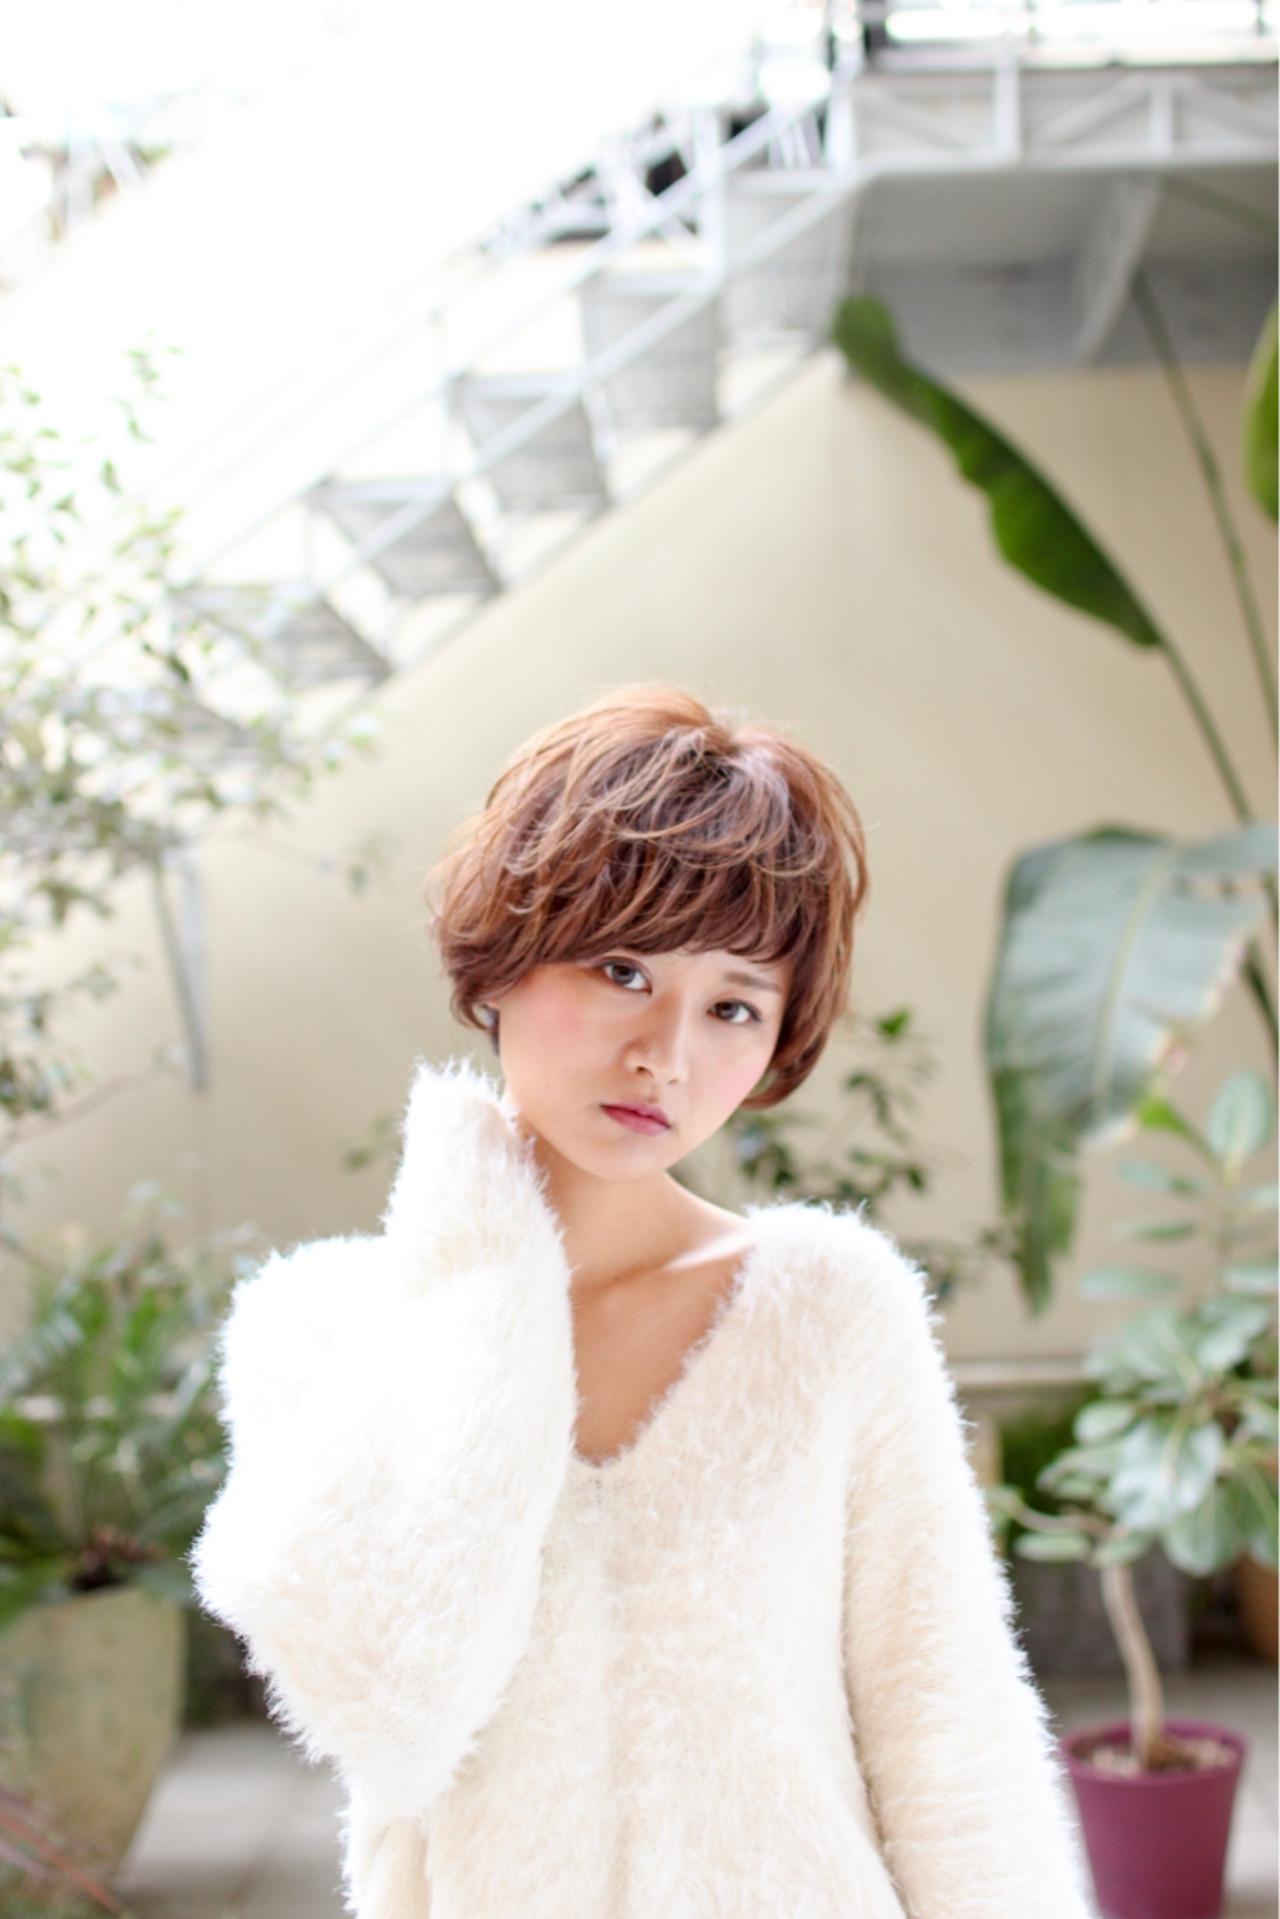 マッシュ ガーリー ボブ ゆるふわ ヘアスタイルや髪型の写真・画像 | 江畠 大地 / MAKE'S omotesando